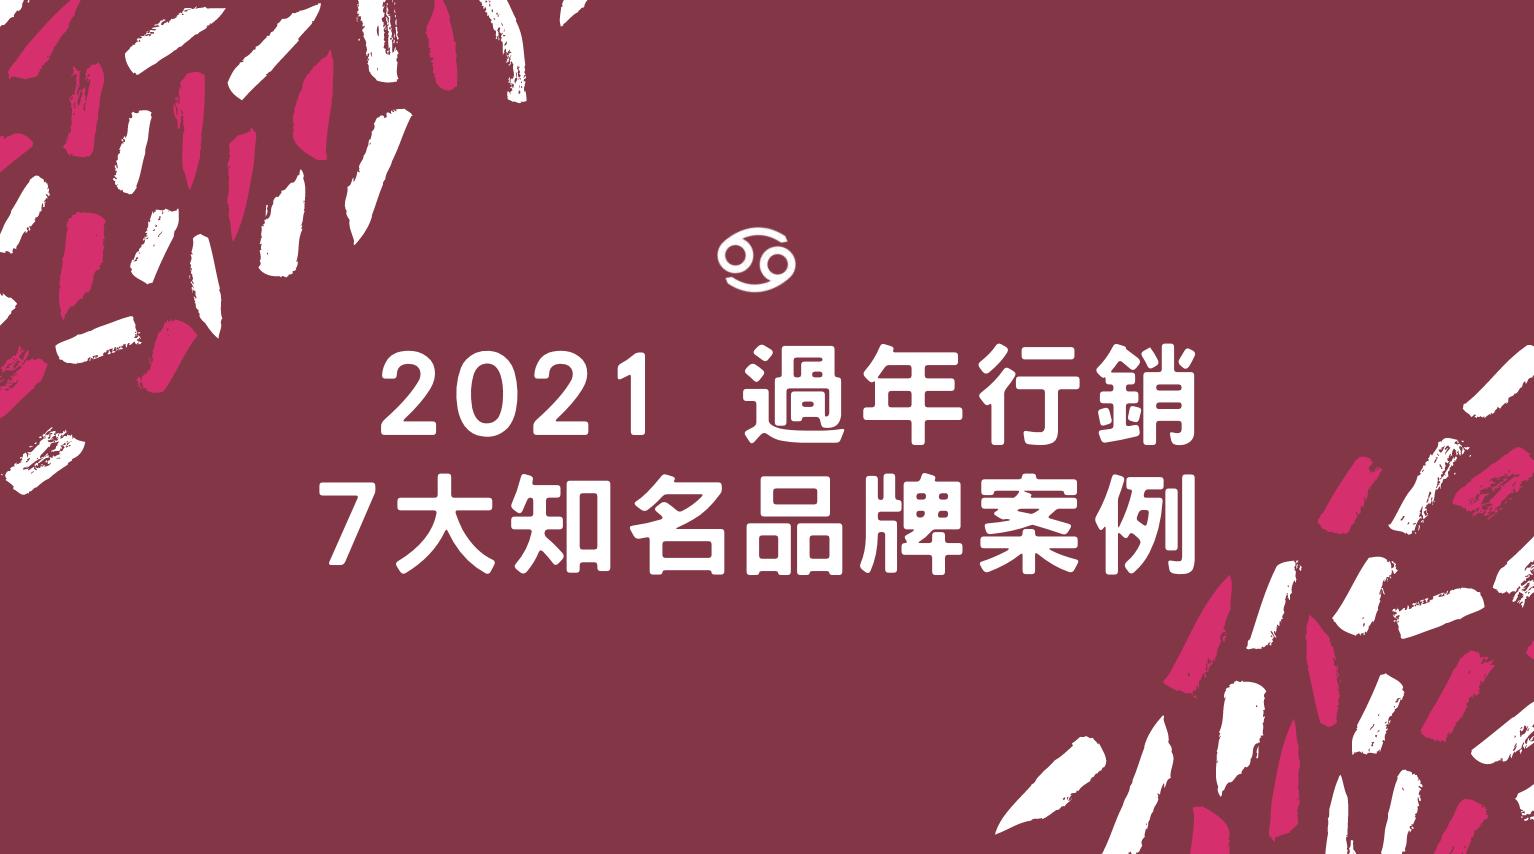 2021 過年行銷 7大知名品牌案例